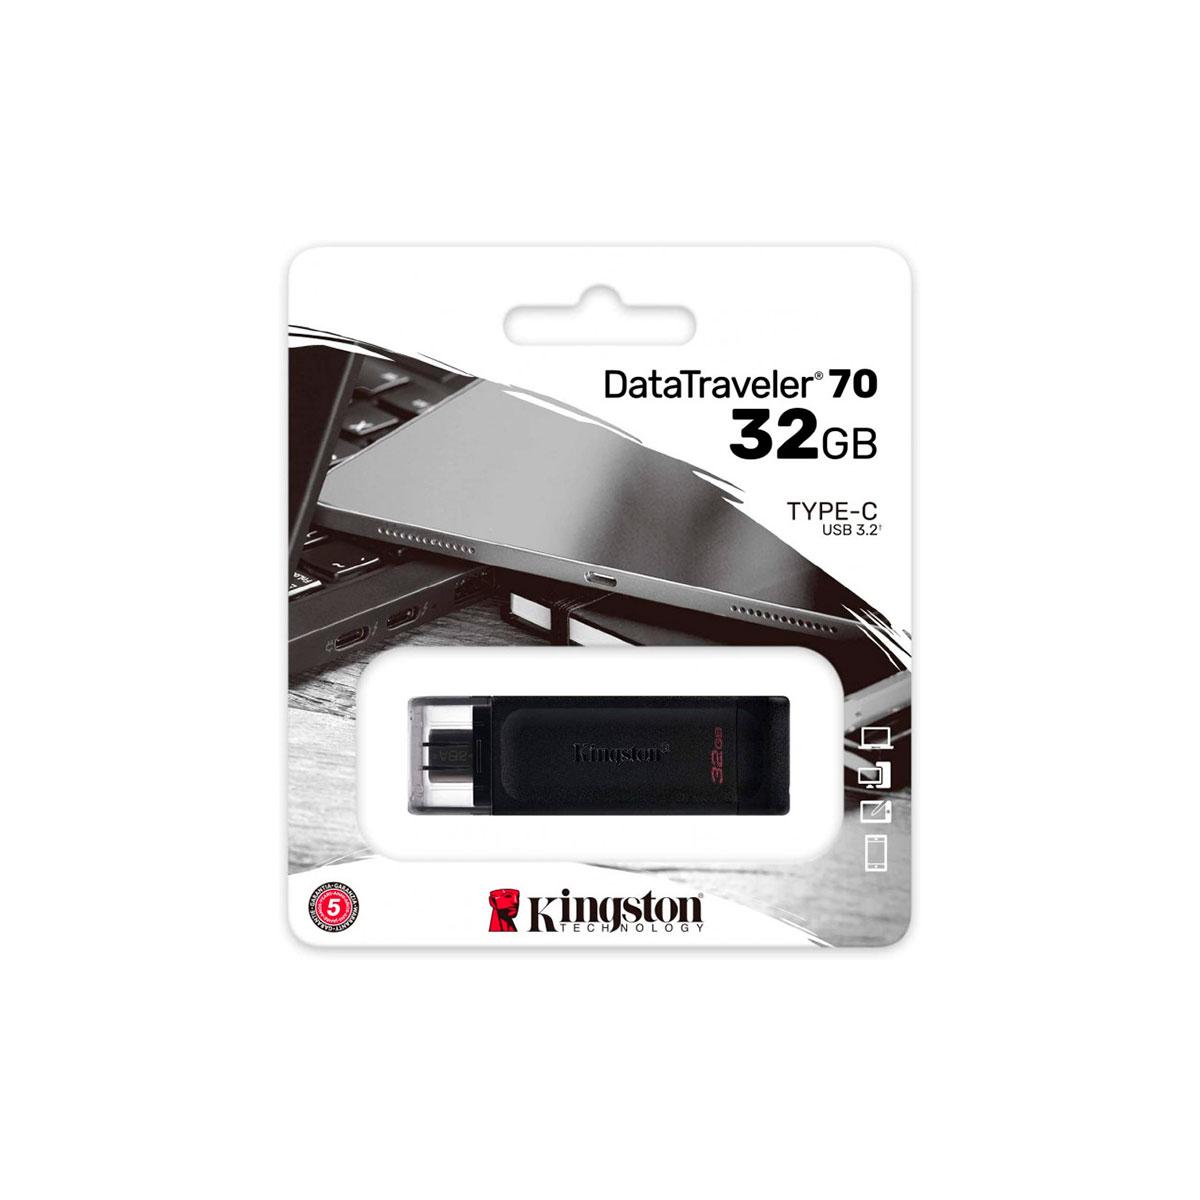 DT70-32GB